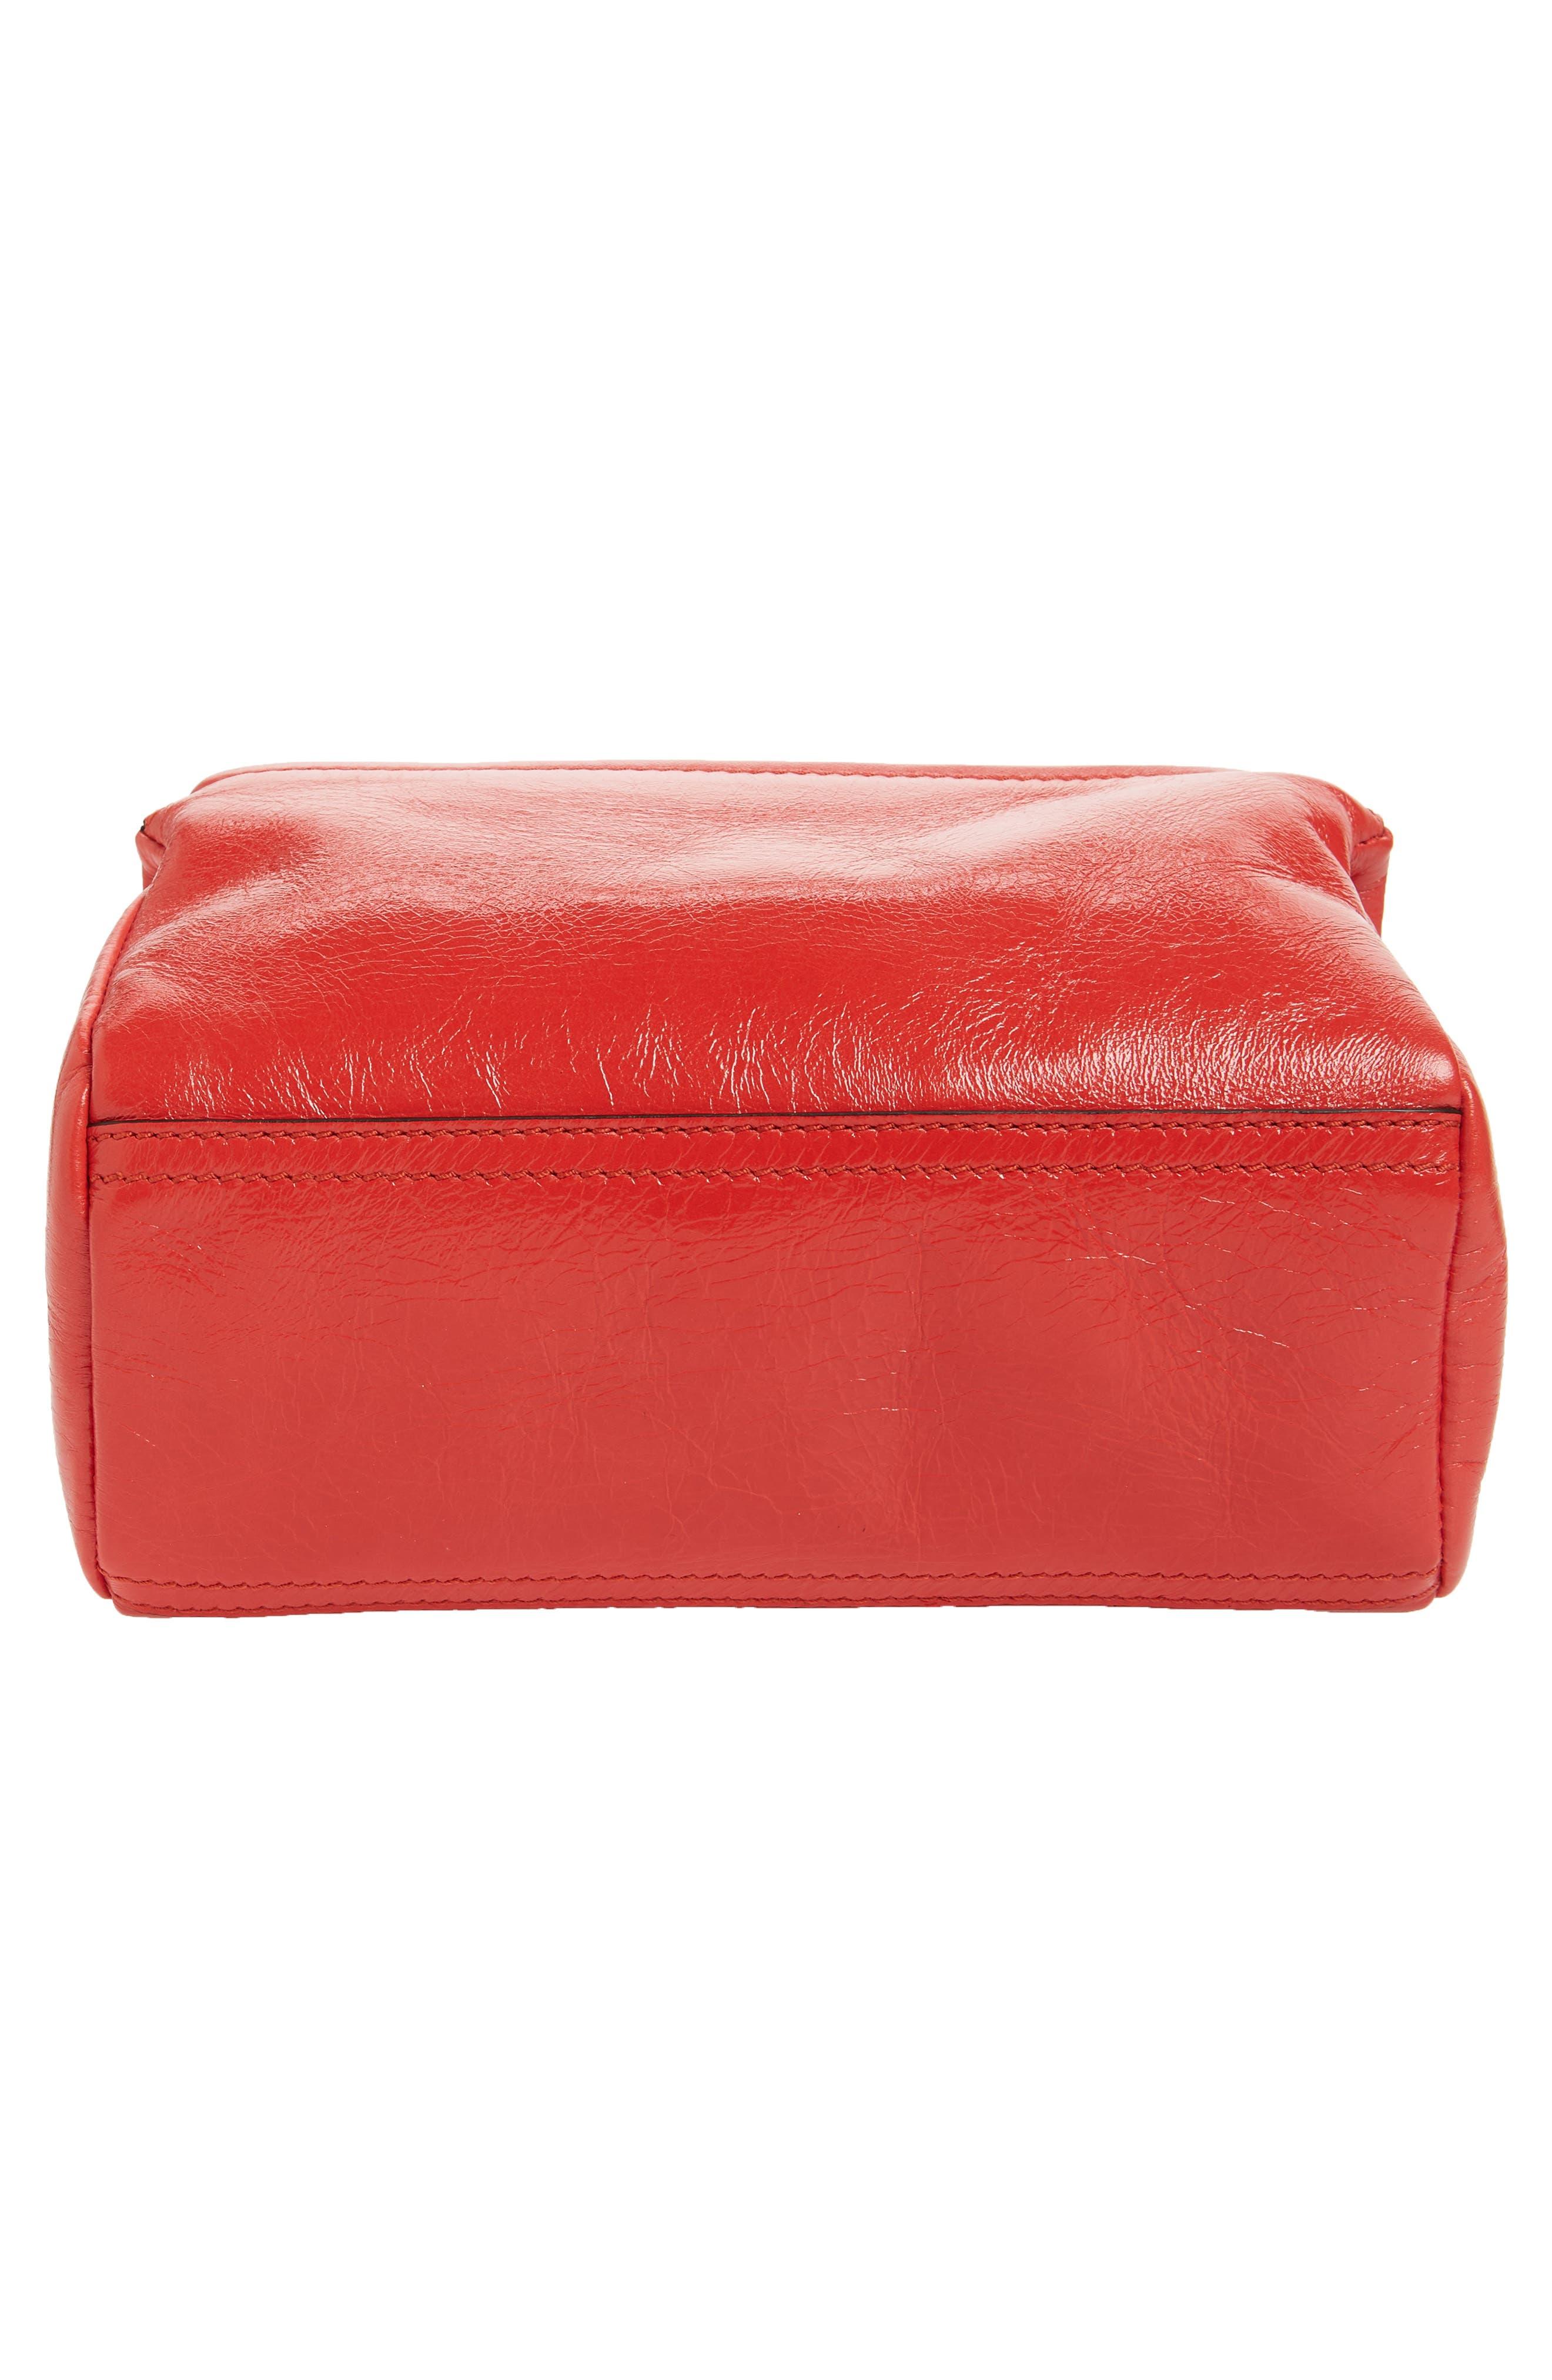 Mini Pandora Glazed Leather Shoulder Bag,                             Alternate thumbnail 6, color,                             POP RED